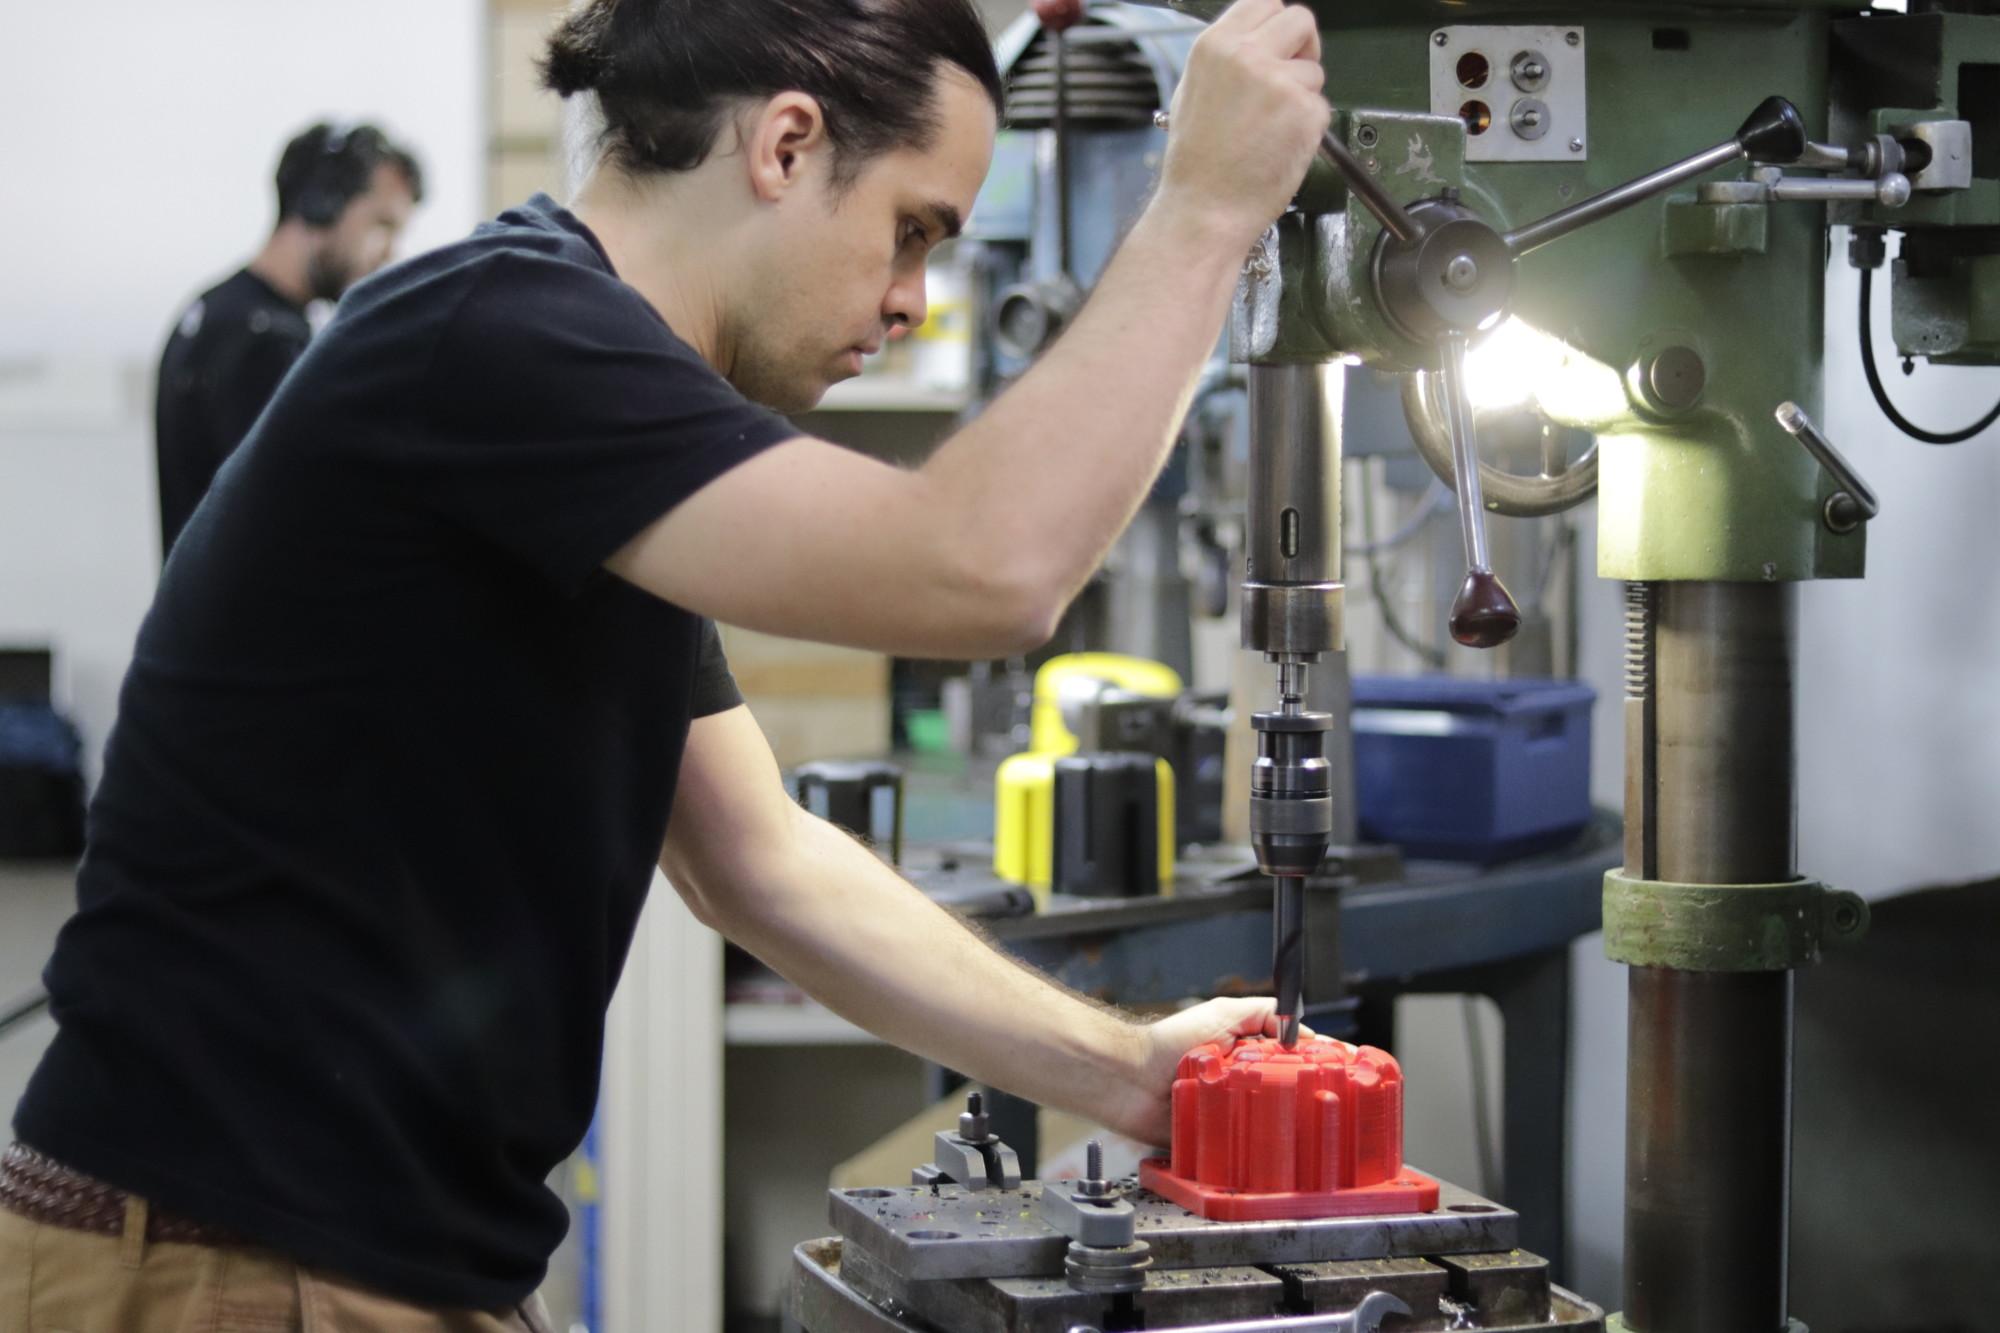 BCN3D Tensabelt 3D impresion utillajes manufactura